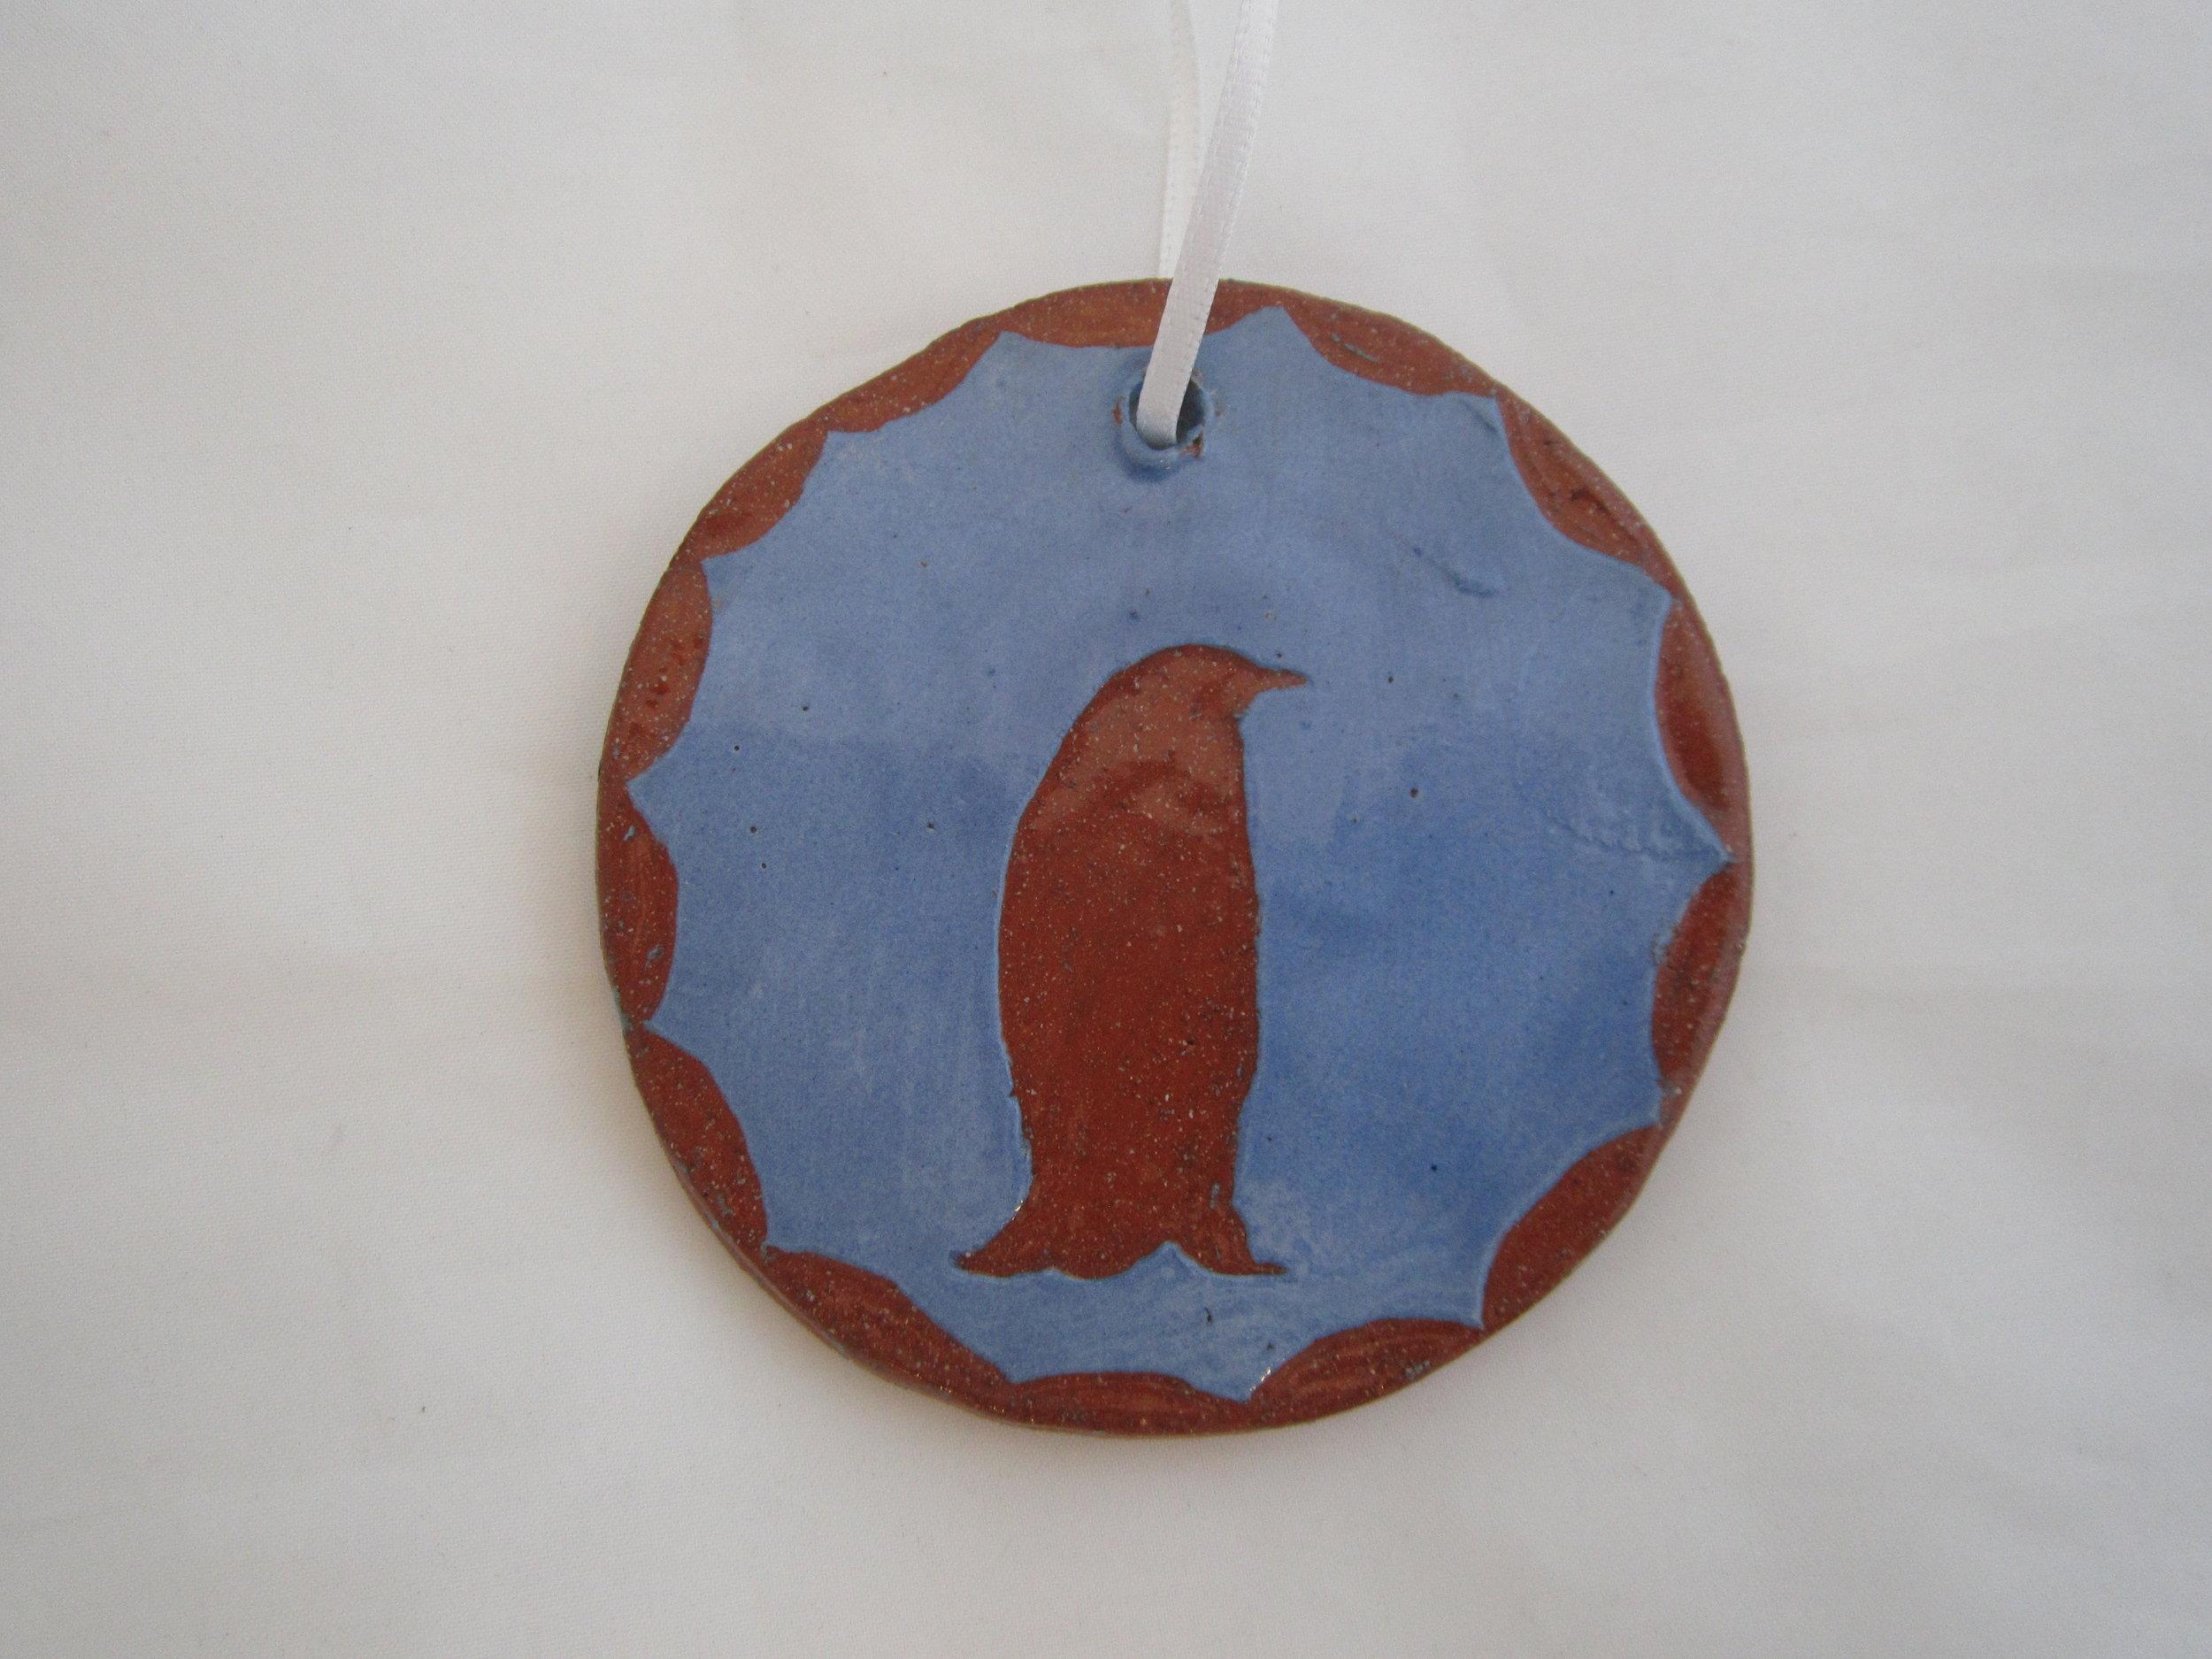 Blue Penguin Ornament 3.JPG